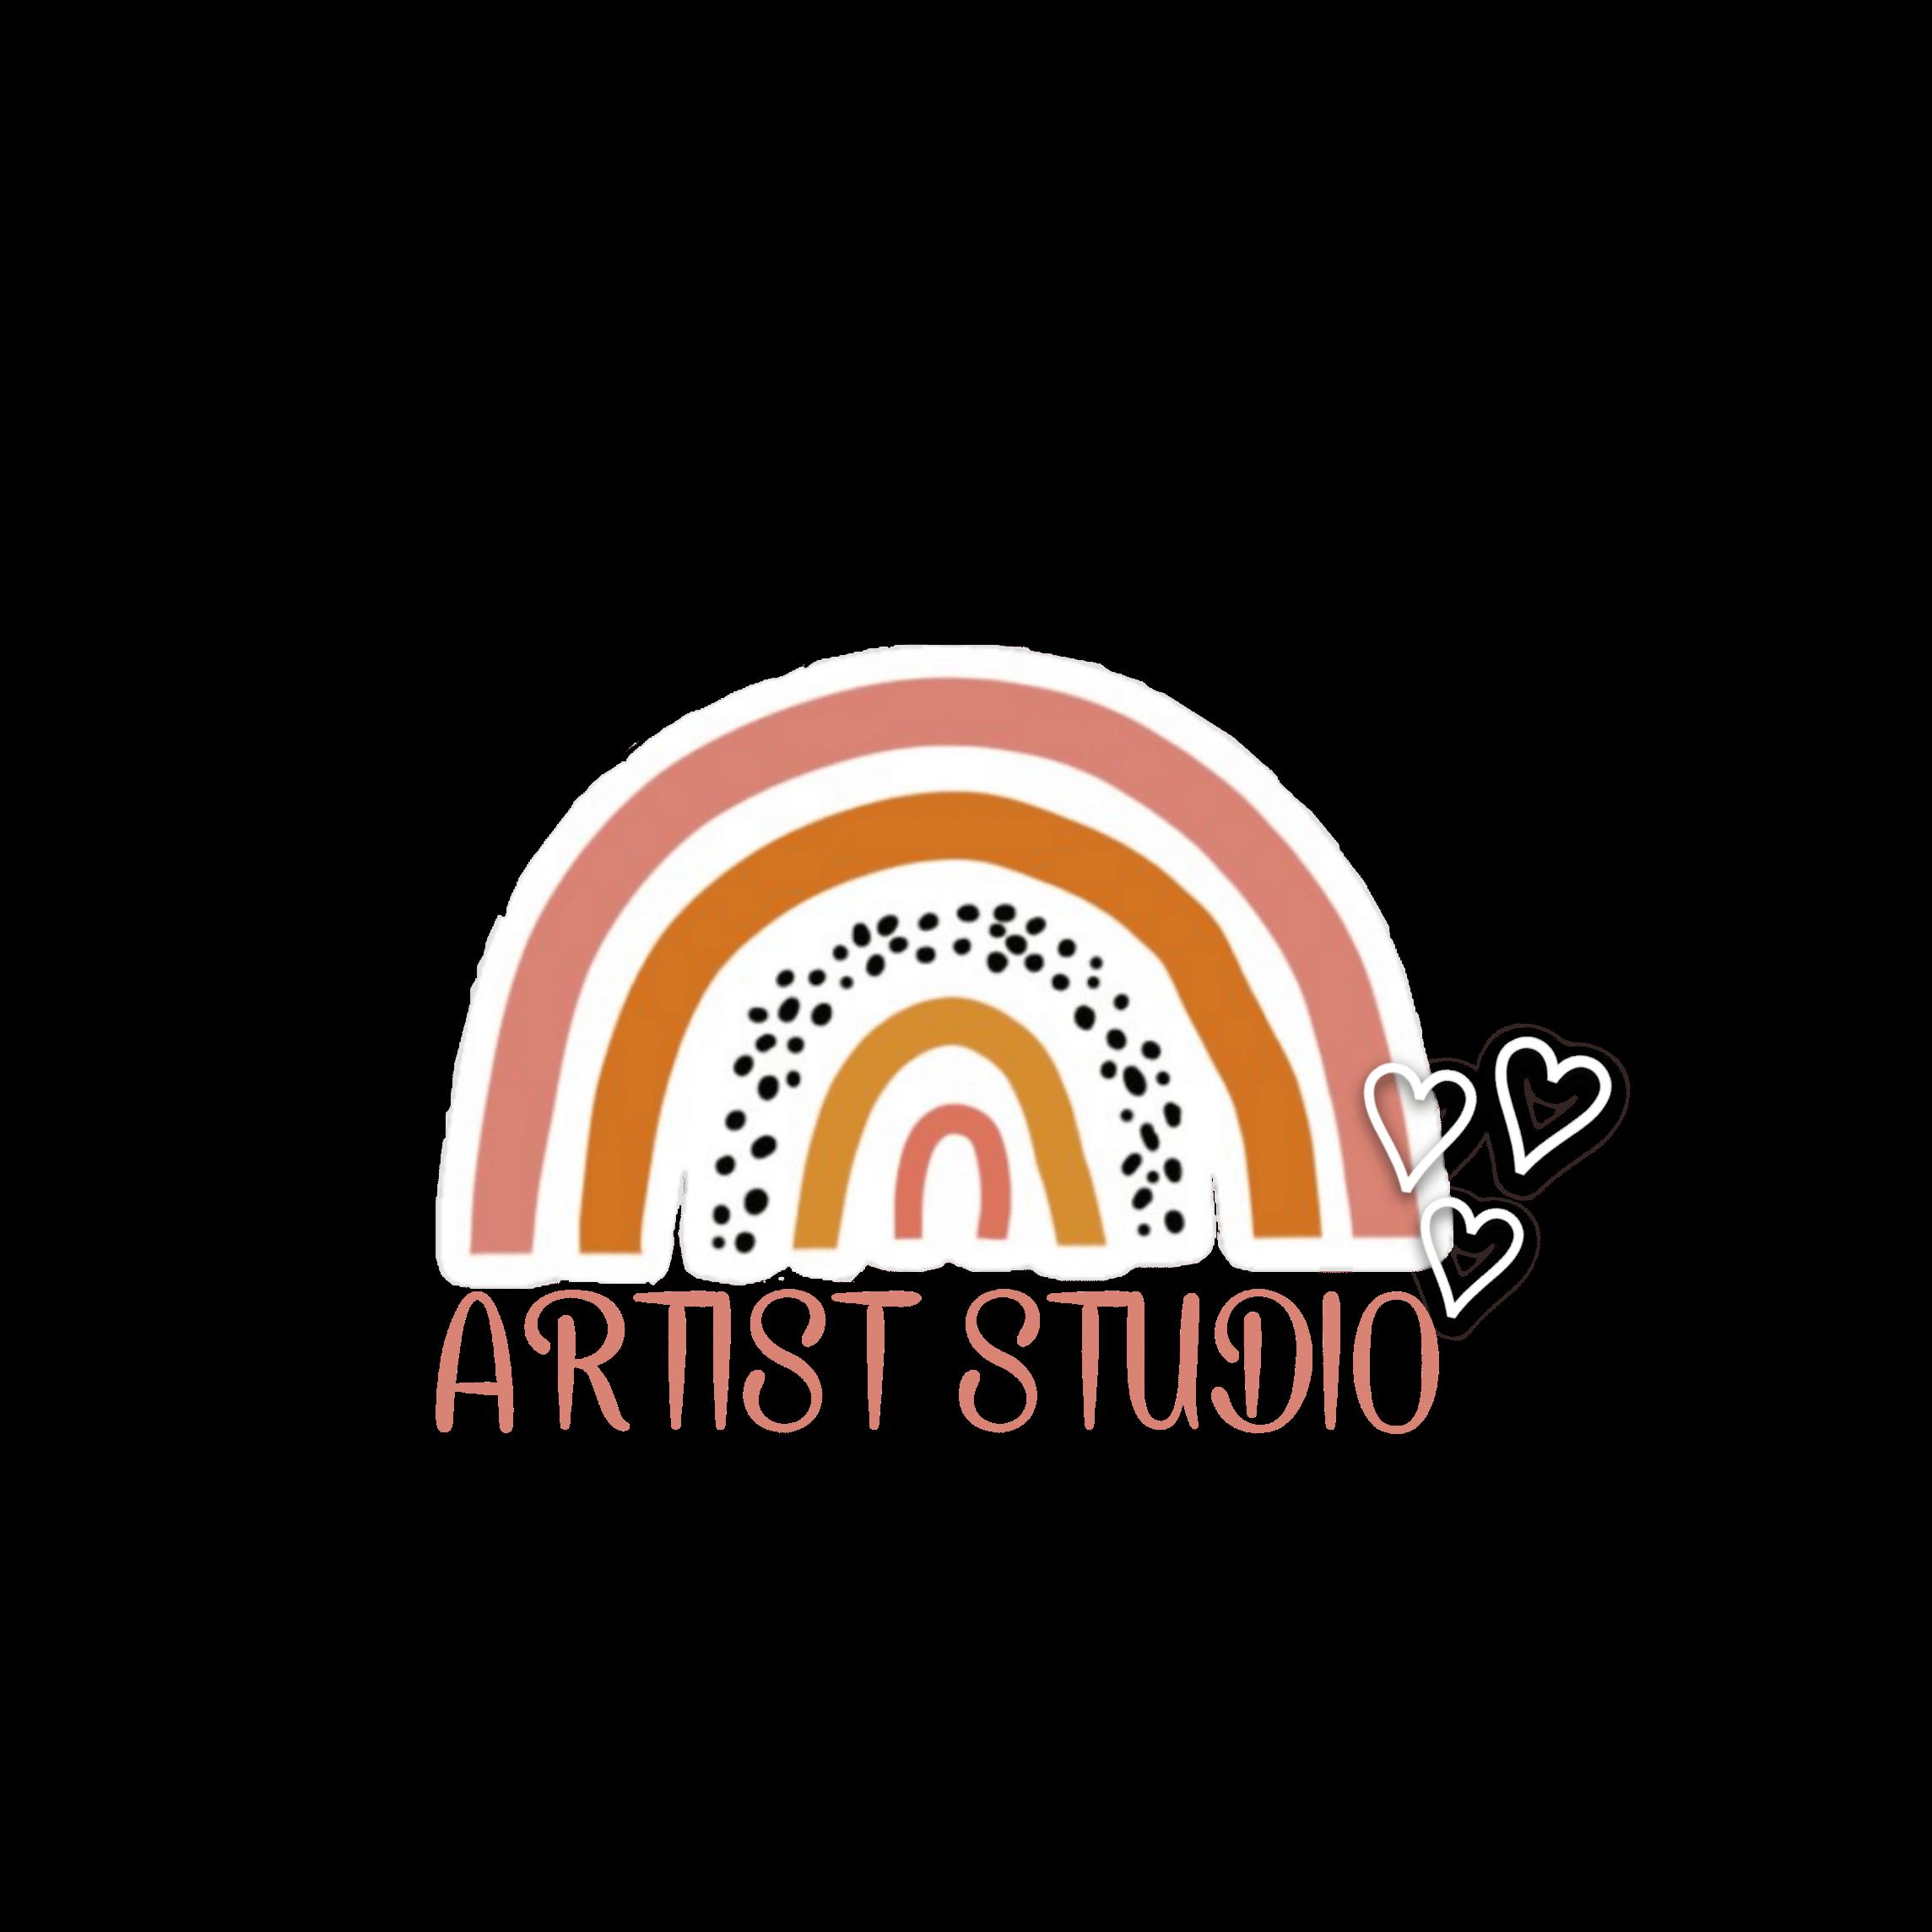 ArtistStudio